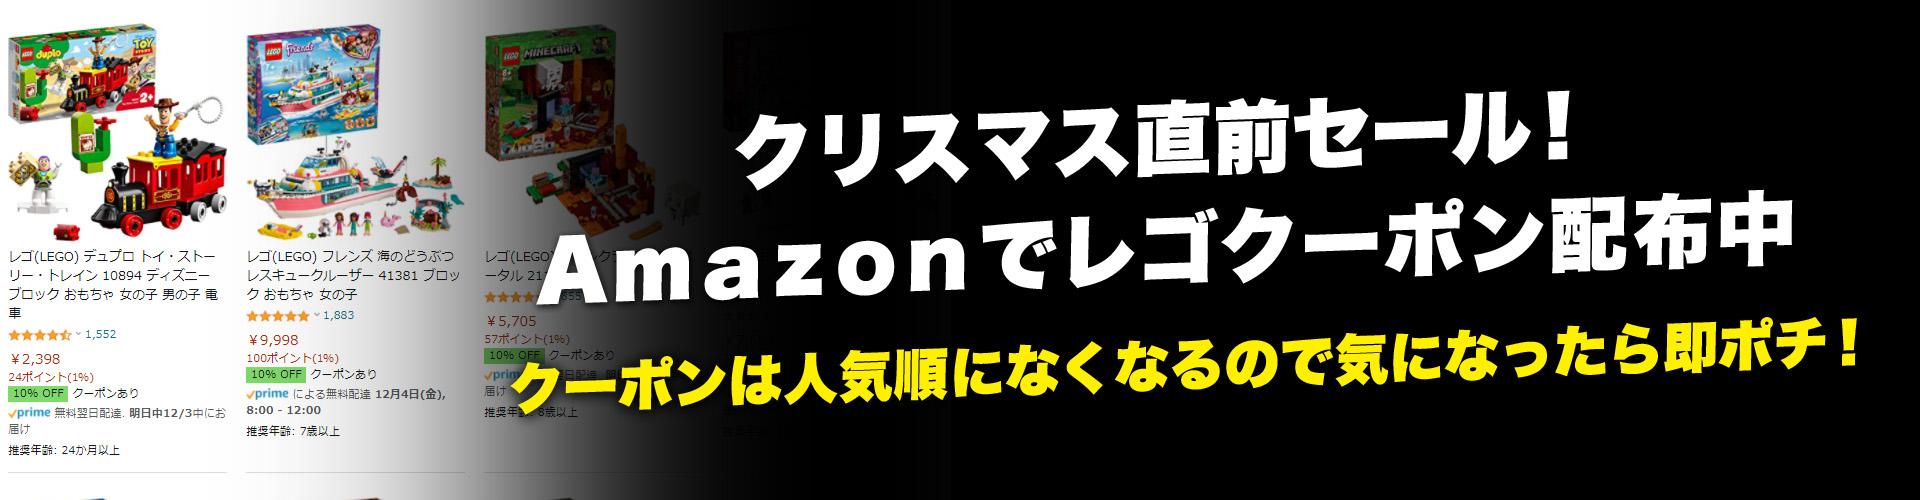 クリスマス直前セール!Amazonでレゴクーポン配布中